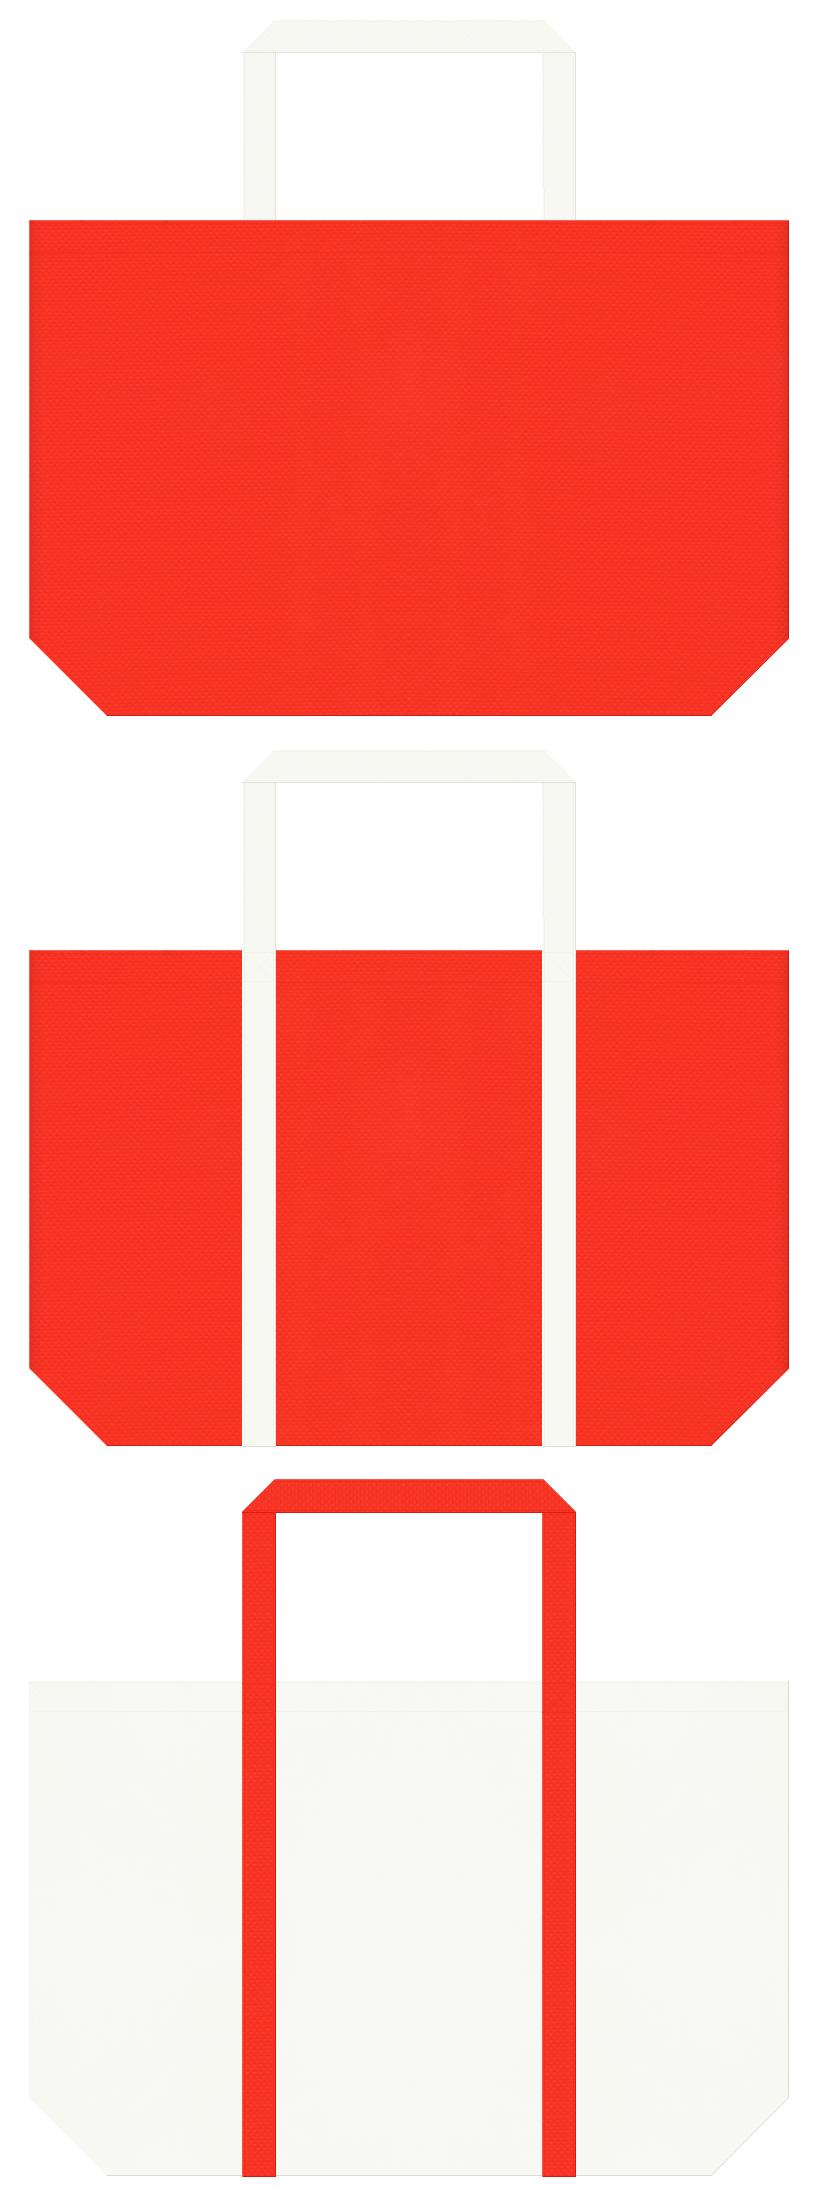 キッチン・ビタミン・サプリメント・ランチバッグ・フルーツ・フルーツケーキのショッピングバッグにお奨めの不織布バッグデザイン:オレンジ色とオフホワイト色のコーデ